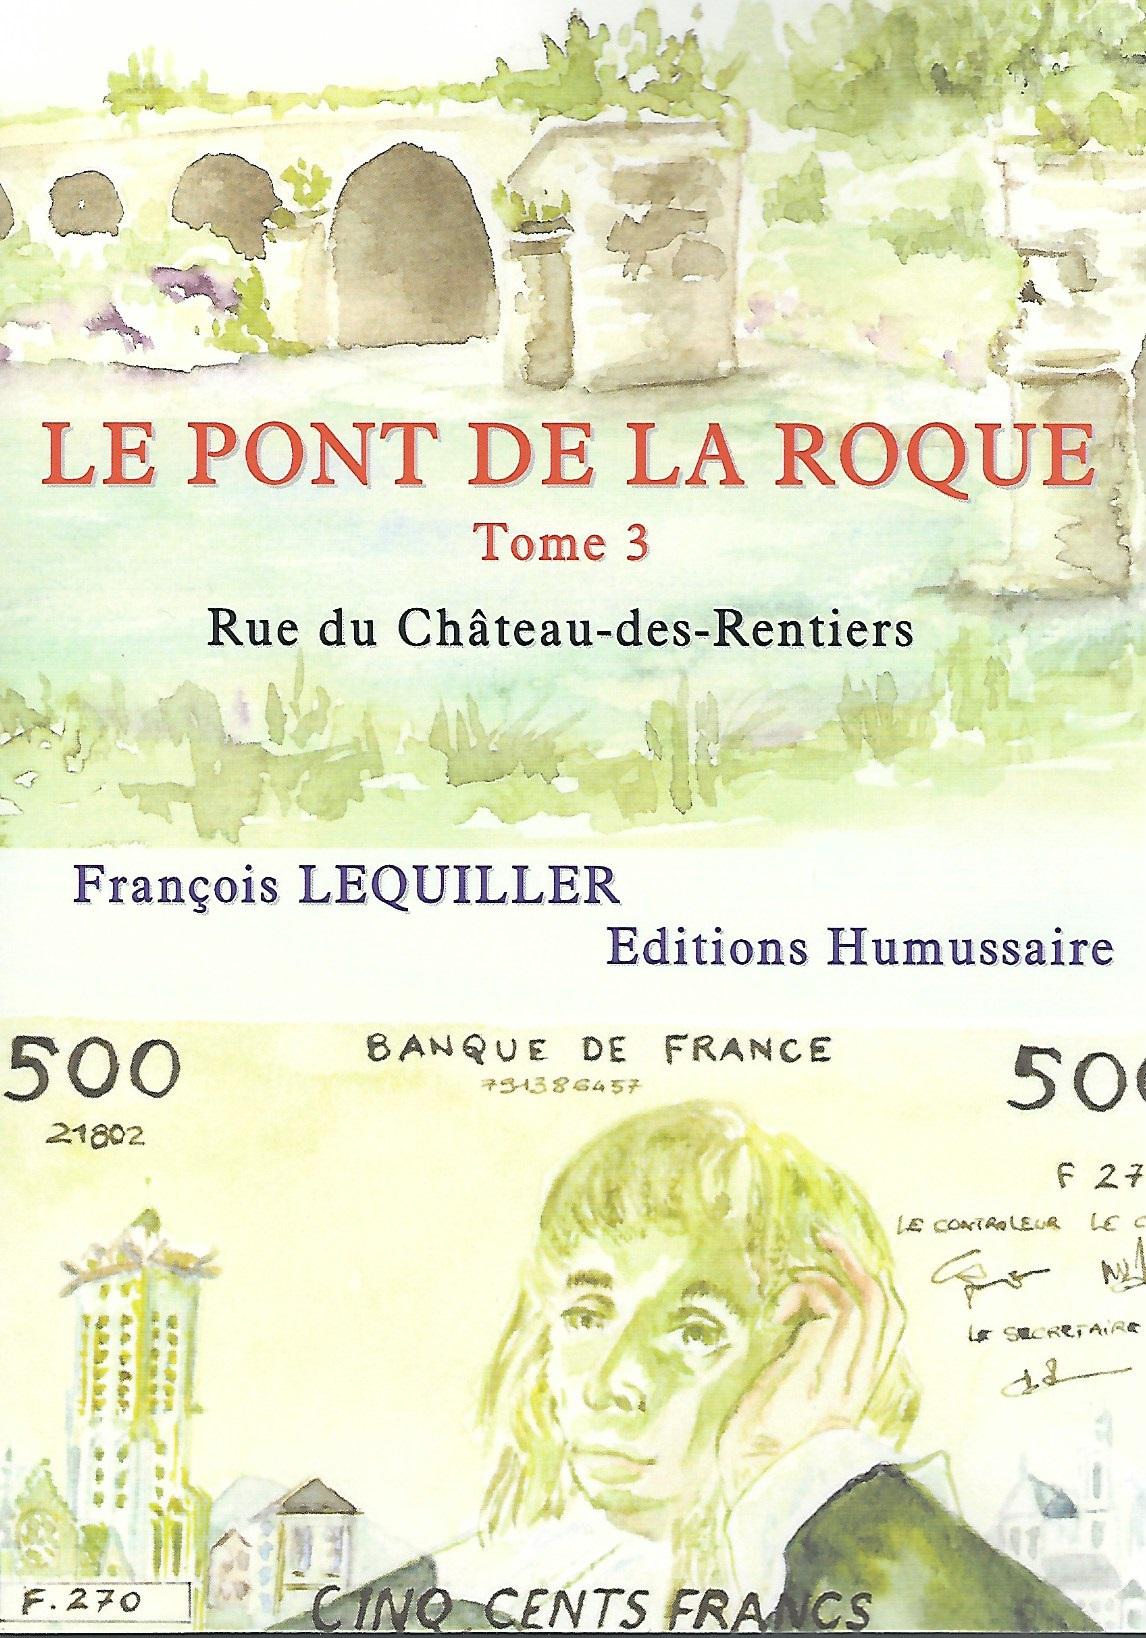 LE PONT DE LA ROQUE Tome 3 - François LEQUILLER